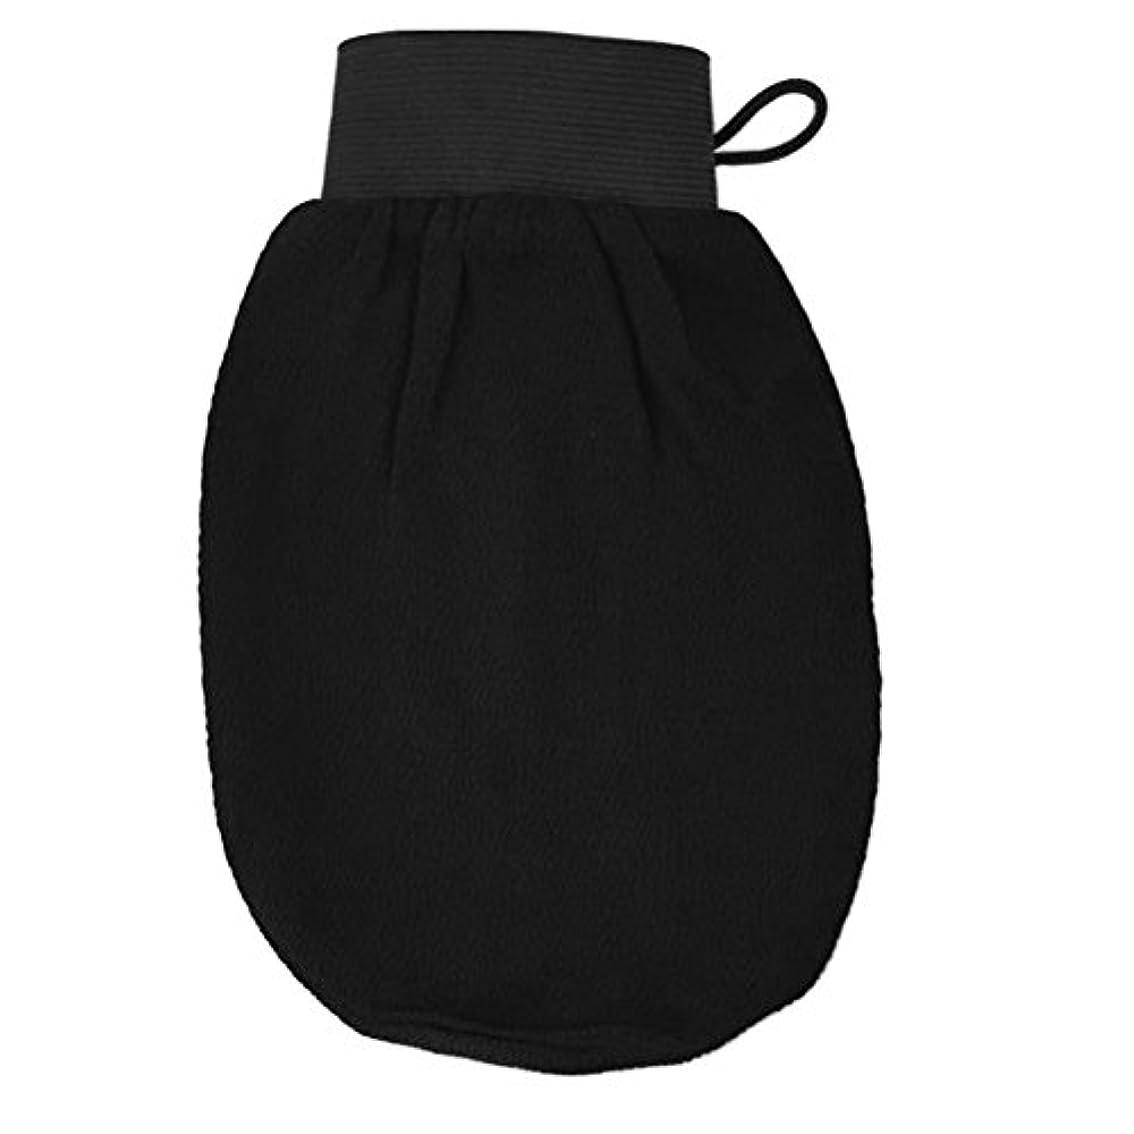 区別するそれぞれ柔らかさROSENICE バスグローブ 浴用グローブ 角質取り 泡立ち 垢擦り 手袋 マッサージ ボディウォッシュ シャワー バスルーム 男女兼用 バス用品(ブラック)